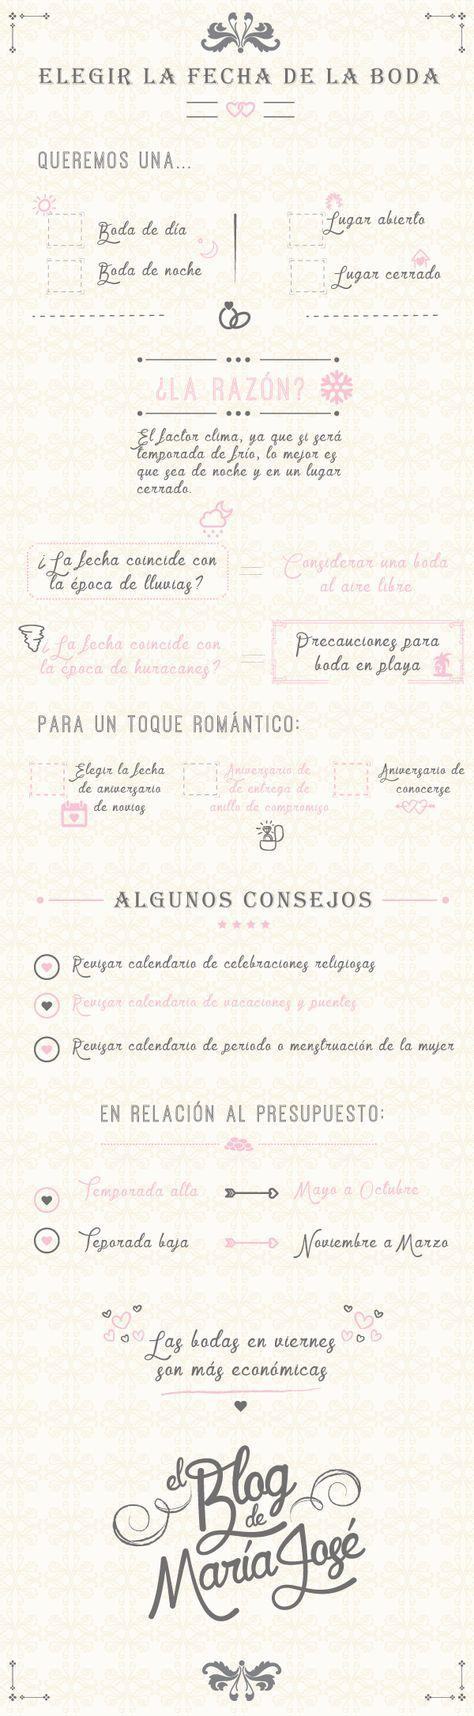 Te doy unos consejos para elegir la fecha de la boda #bodas #elblogdemaríajosé #fechaboda #weddings